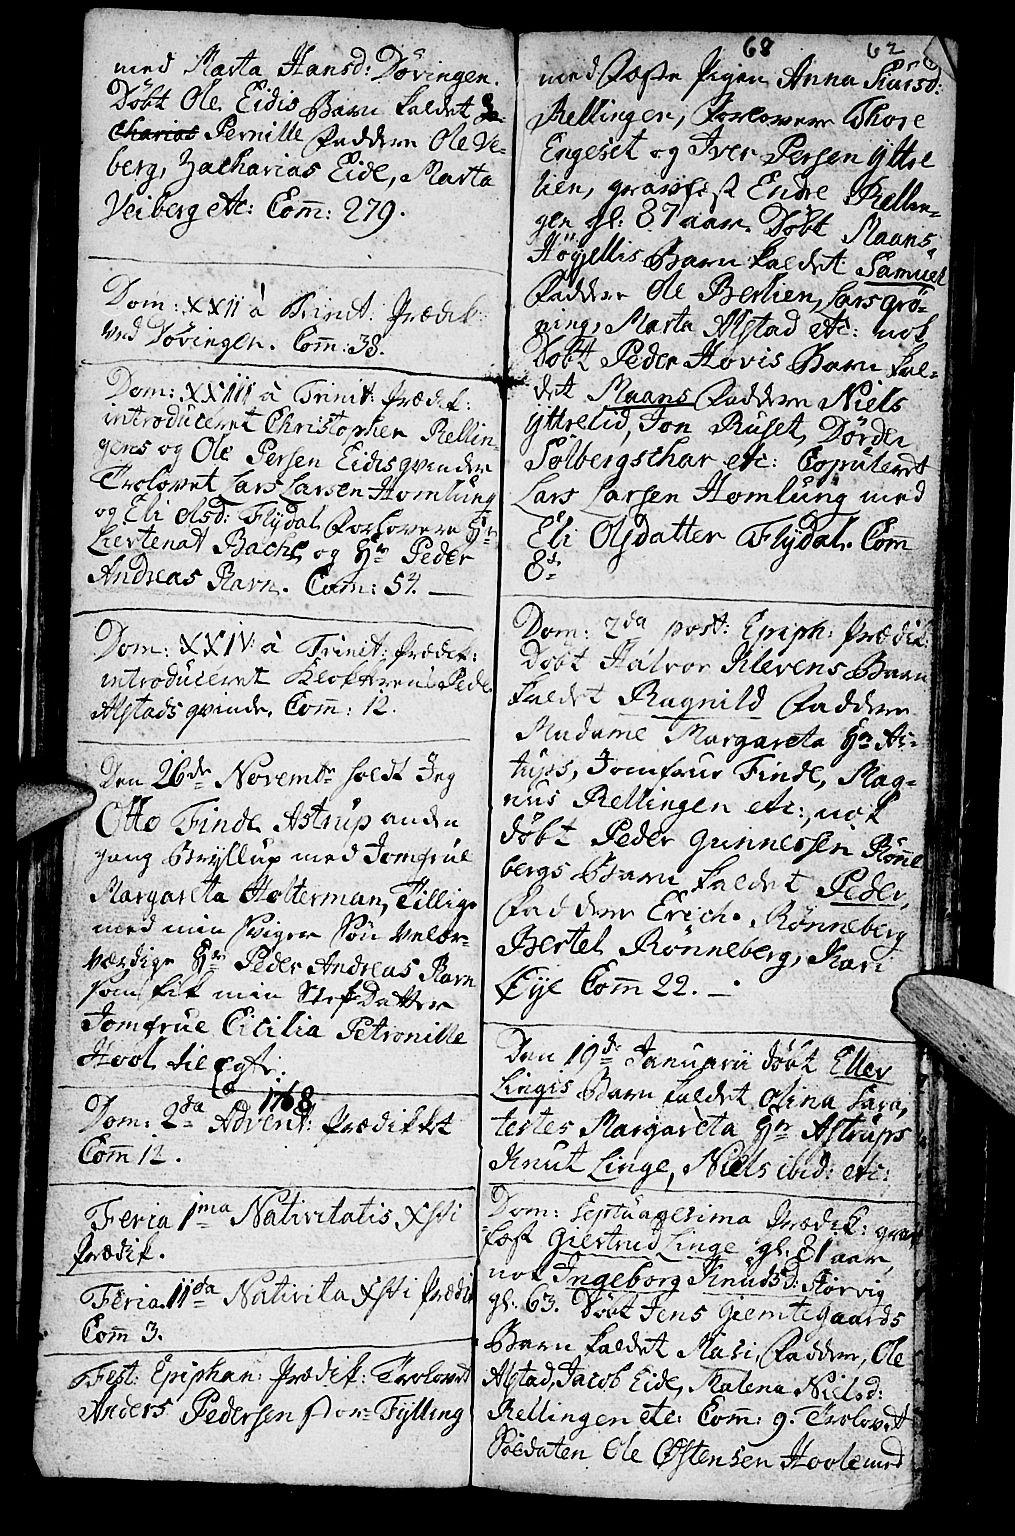 SAT, Ministerialprotokoller, klokkerbøker og fødselsregistre - Møre og Romsdal, 519/L0243: Ministerialbok nr. 519A02, 1760-1770, s. 61-62